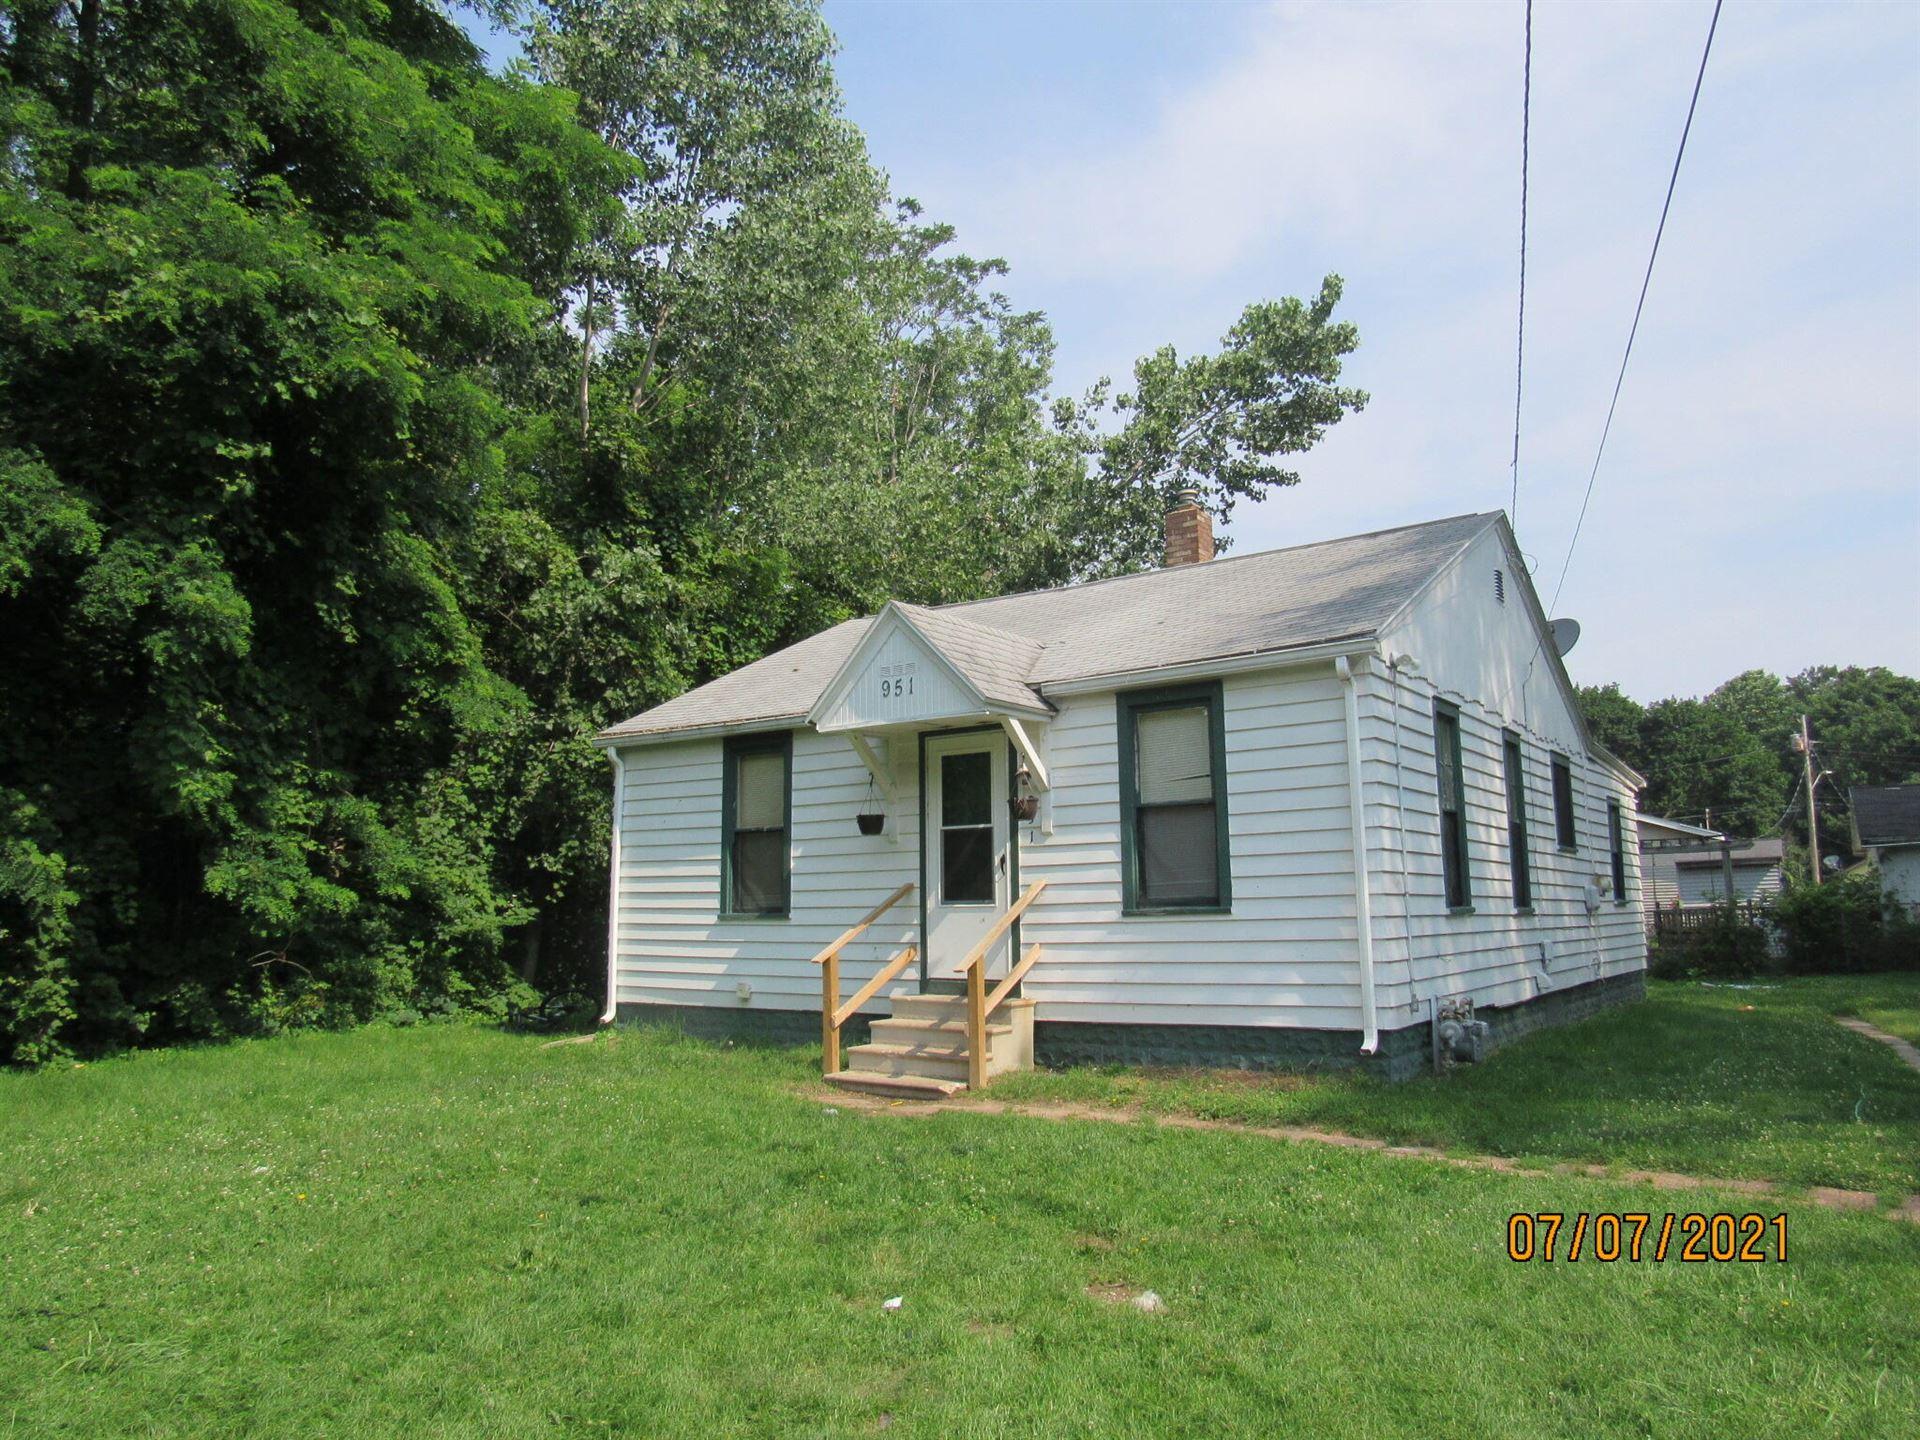 951 Waucedah Avenue, Benton Harbor, MI 49022 - MLS#: 21064801